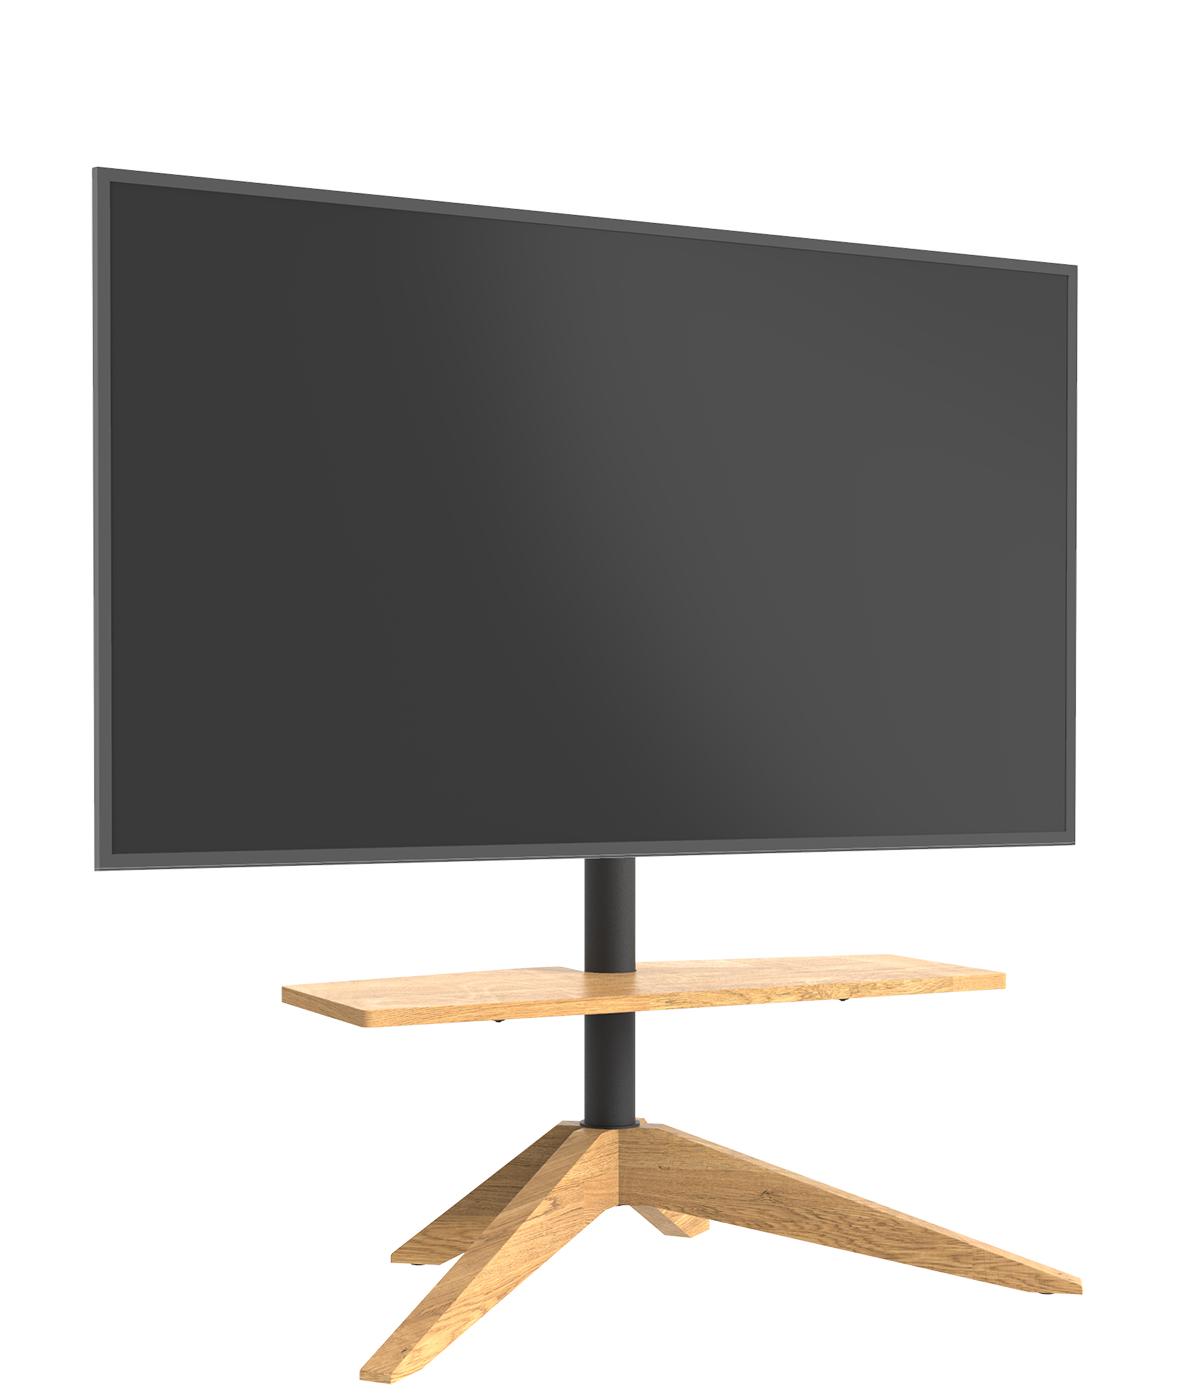 Cavus Tv vloerstandaard Cross Oak VESA 300x300